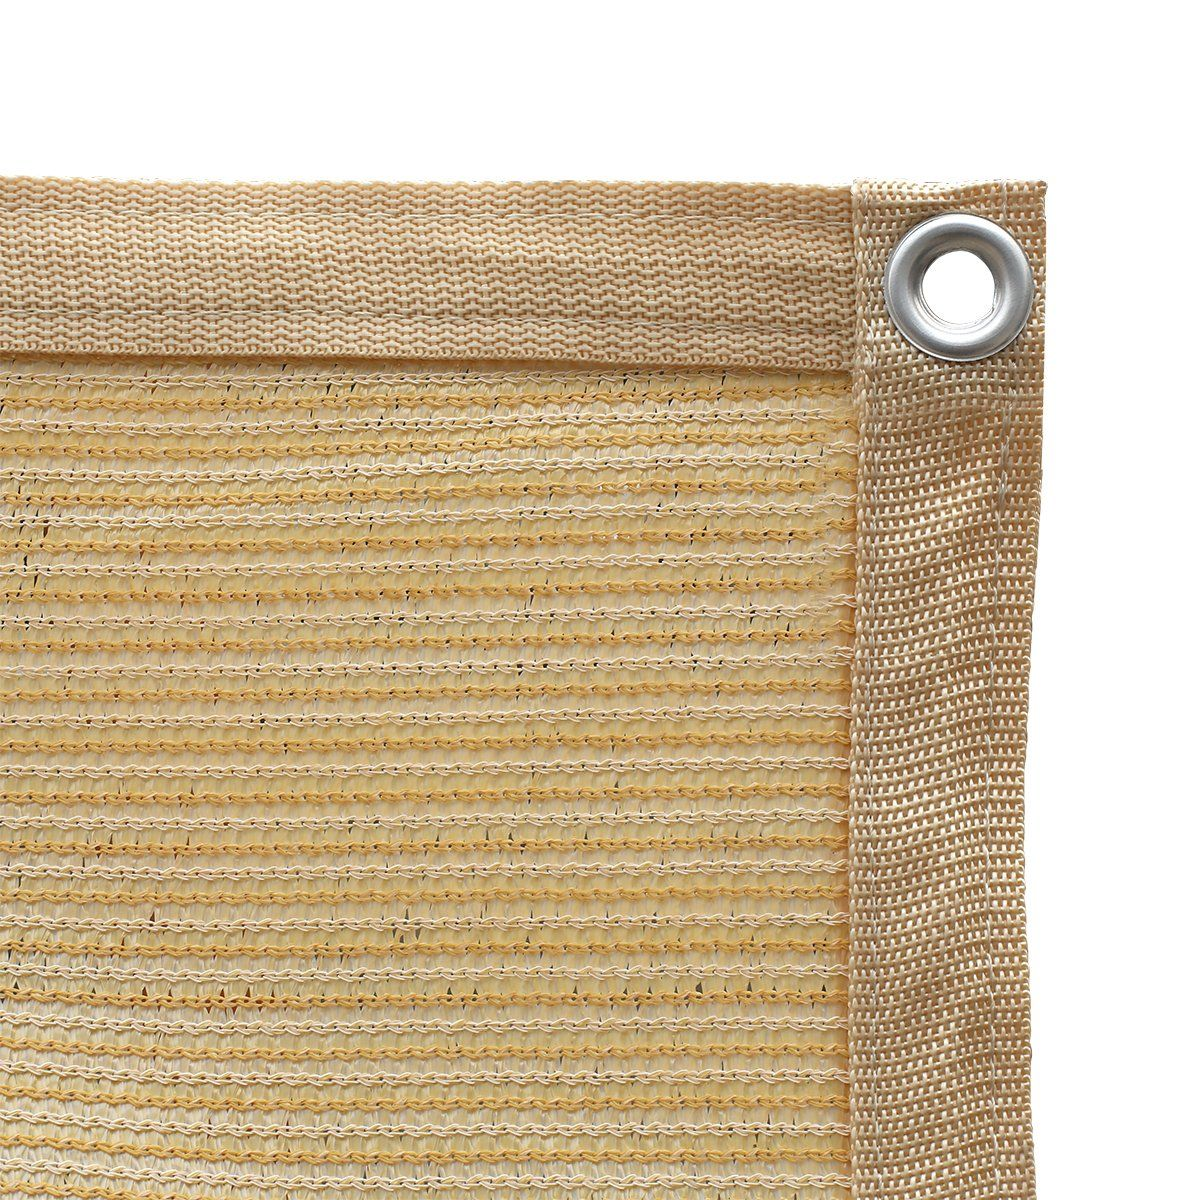 7671e11c9f96e2eadacc3b4572bd990c - Easy Gardener Shade Fabric Wood Fastener